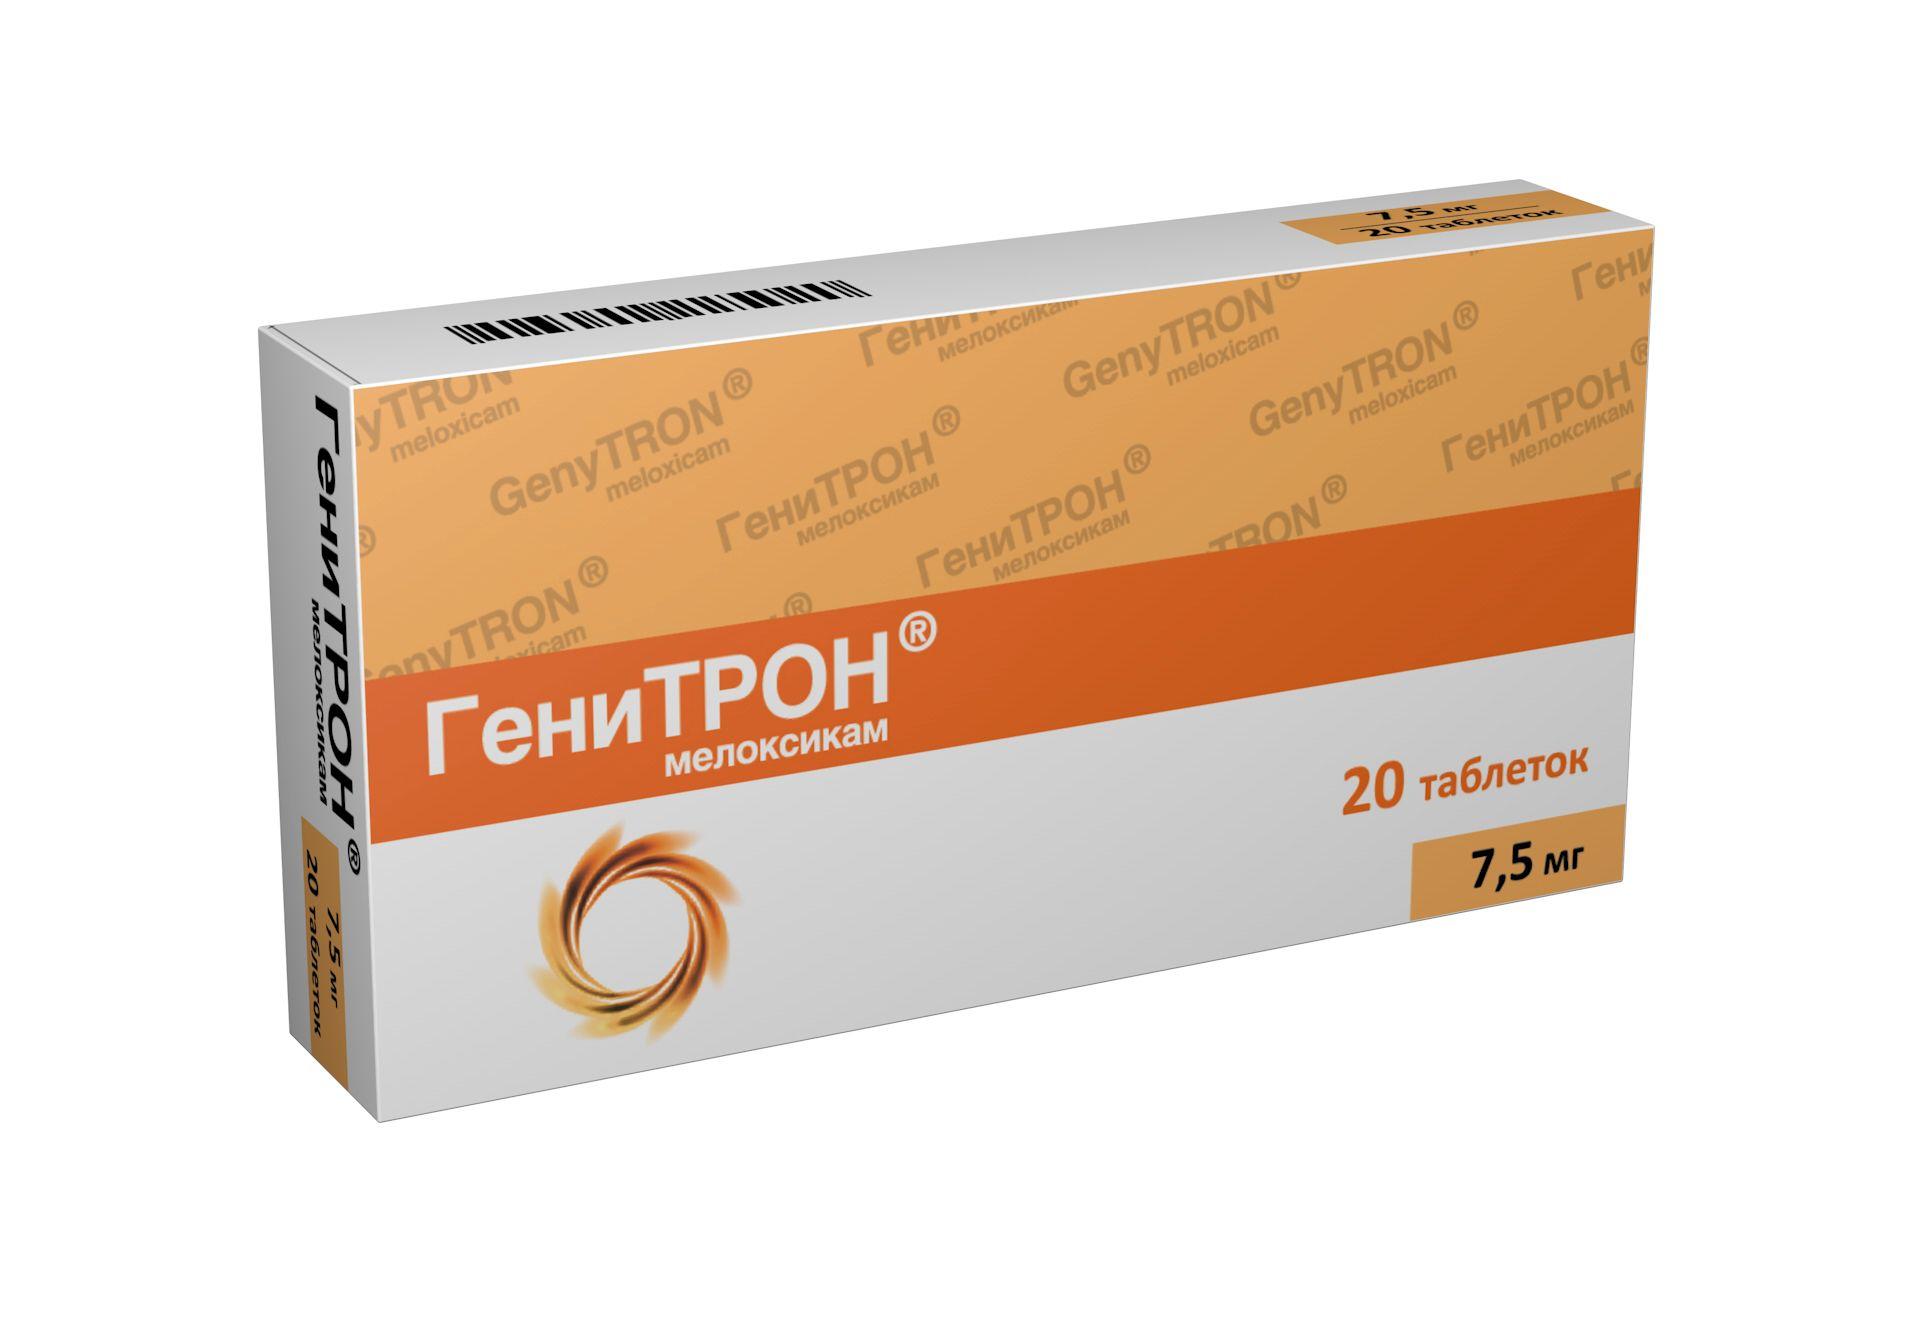 Инструкция по применению уколов генитрон